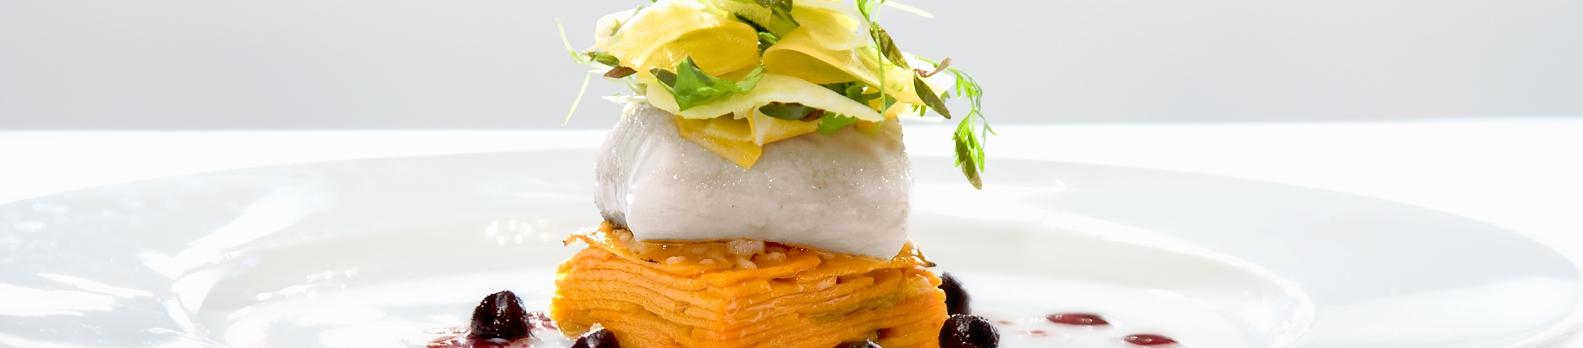 Travellers choice awards ag inspired cuisine for Ag inspired cuisine